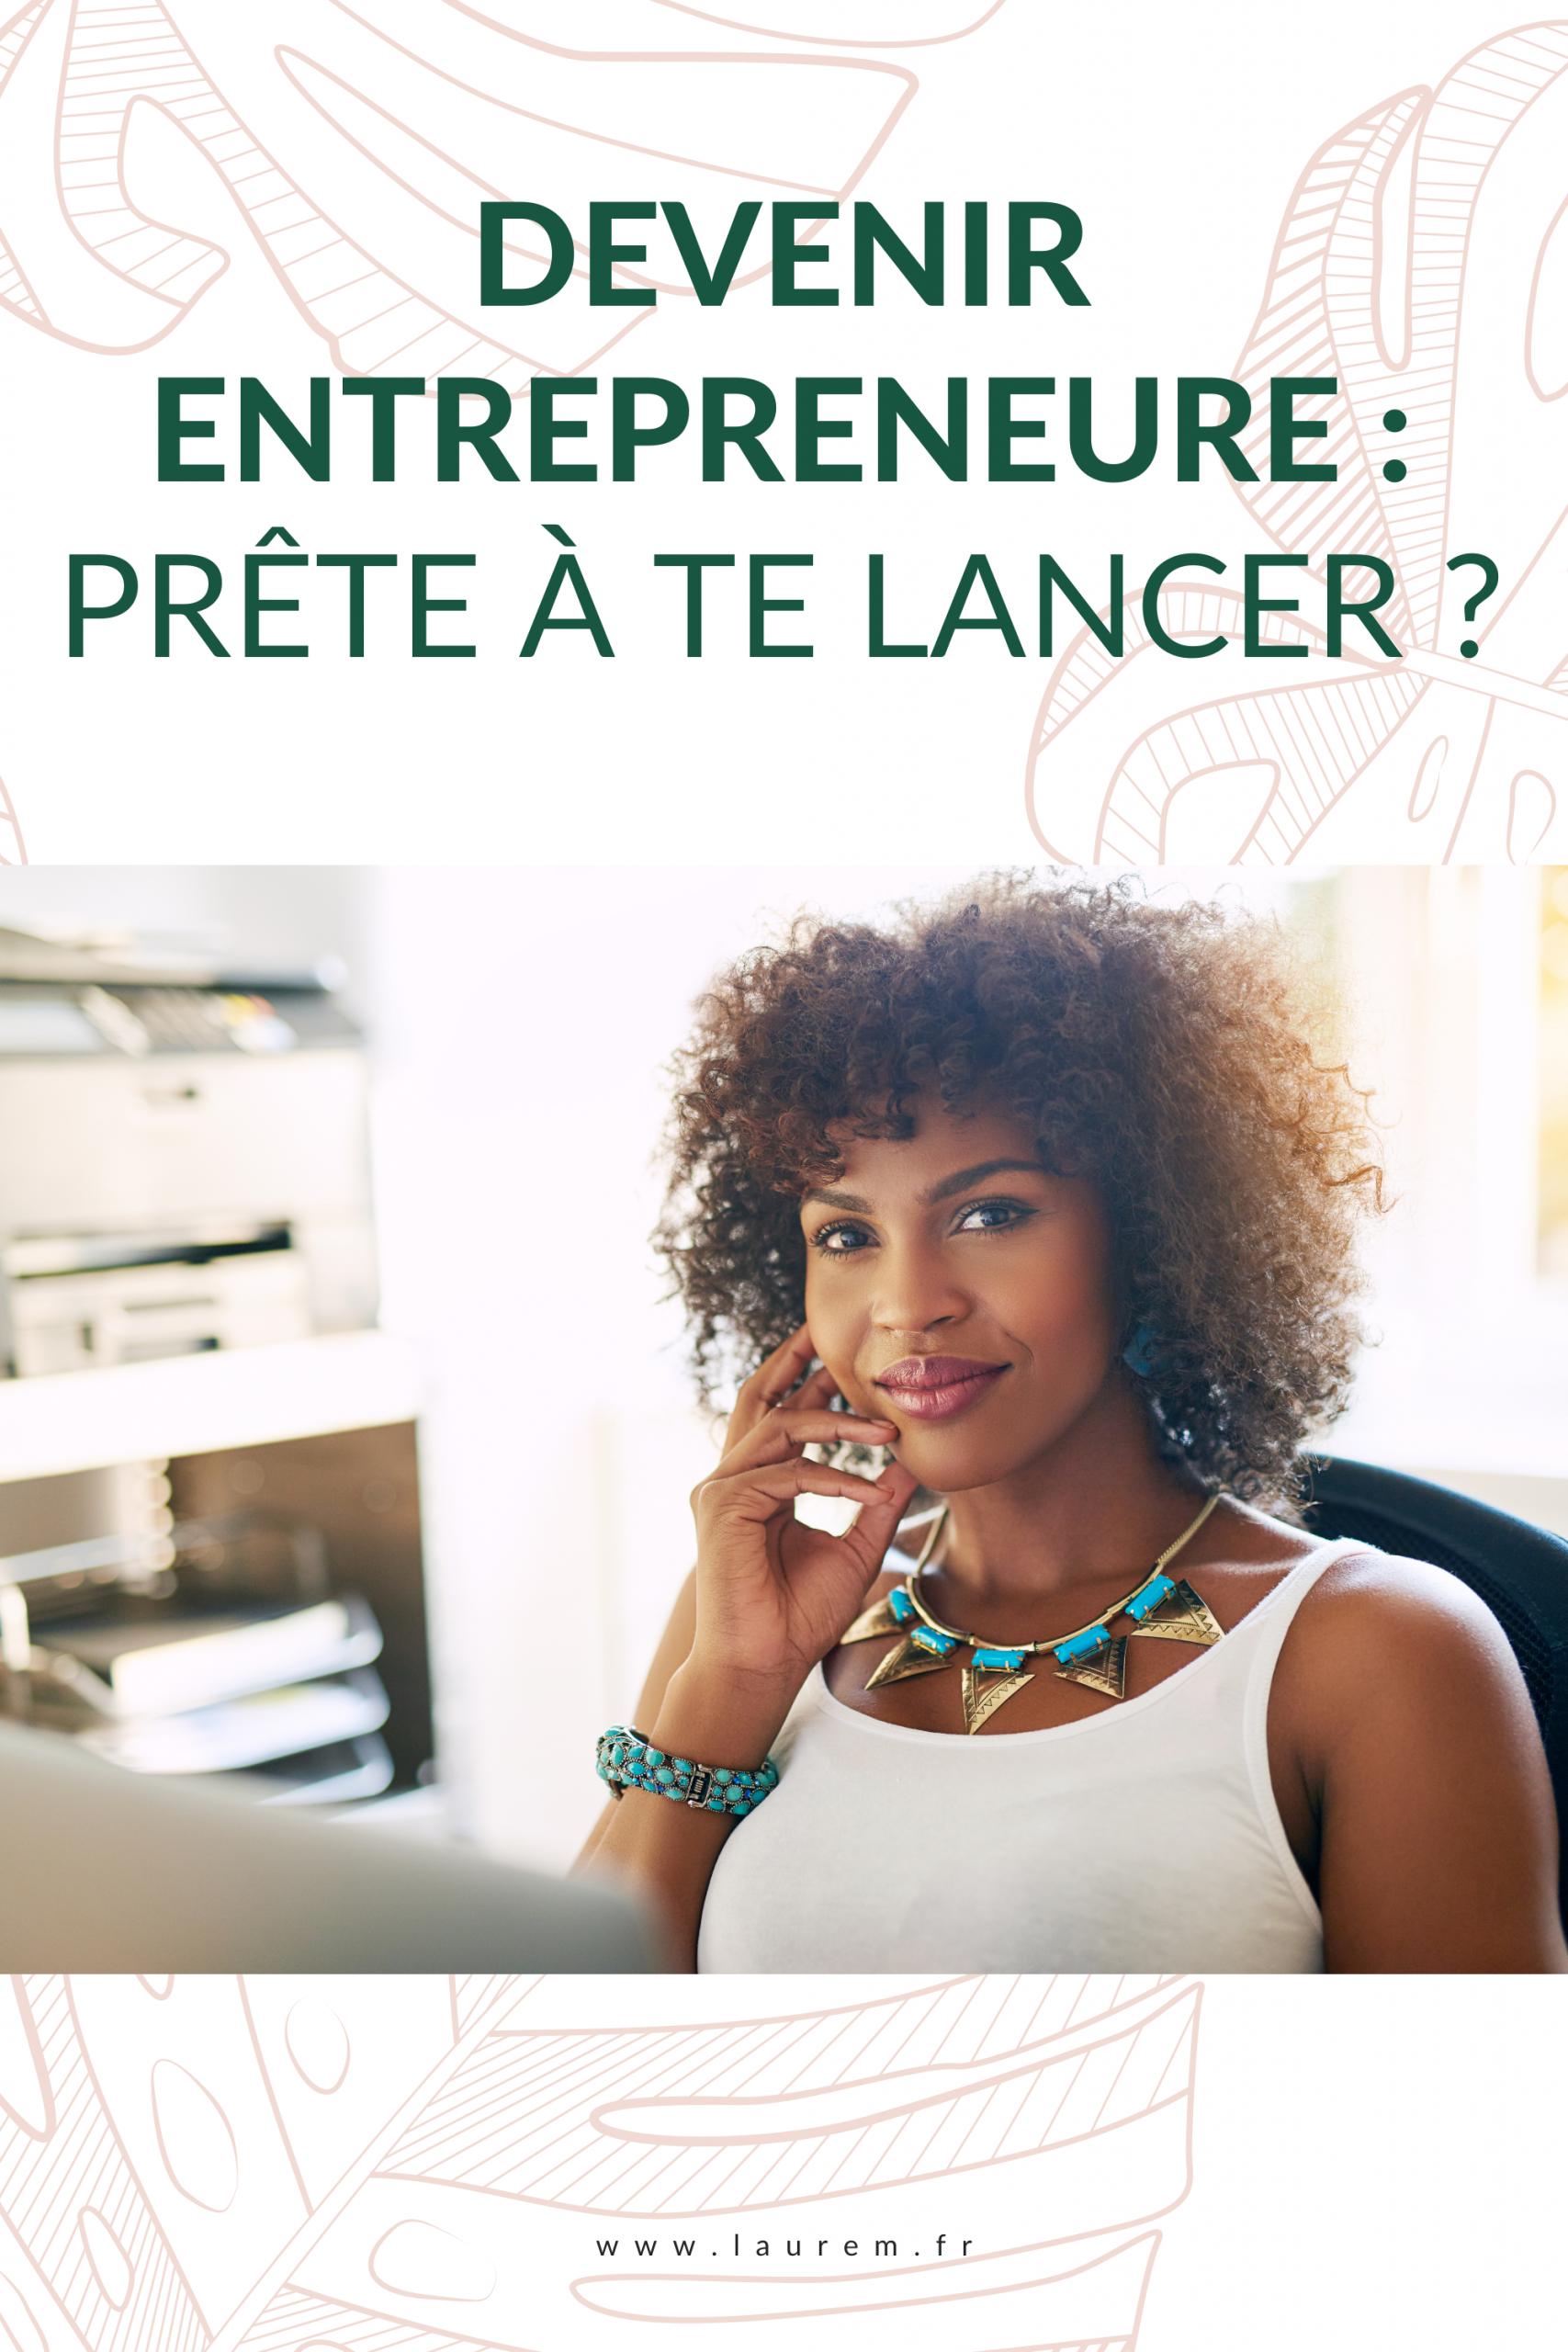 Devenir Entrepreneur fait souvent rêver. Si tel est ton cas, découvre vite si tu es fin prête à te lancer dans l'aventure entrepreneuriale.